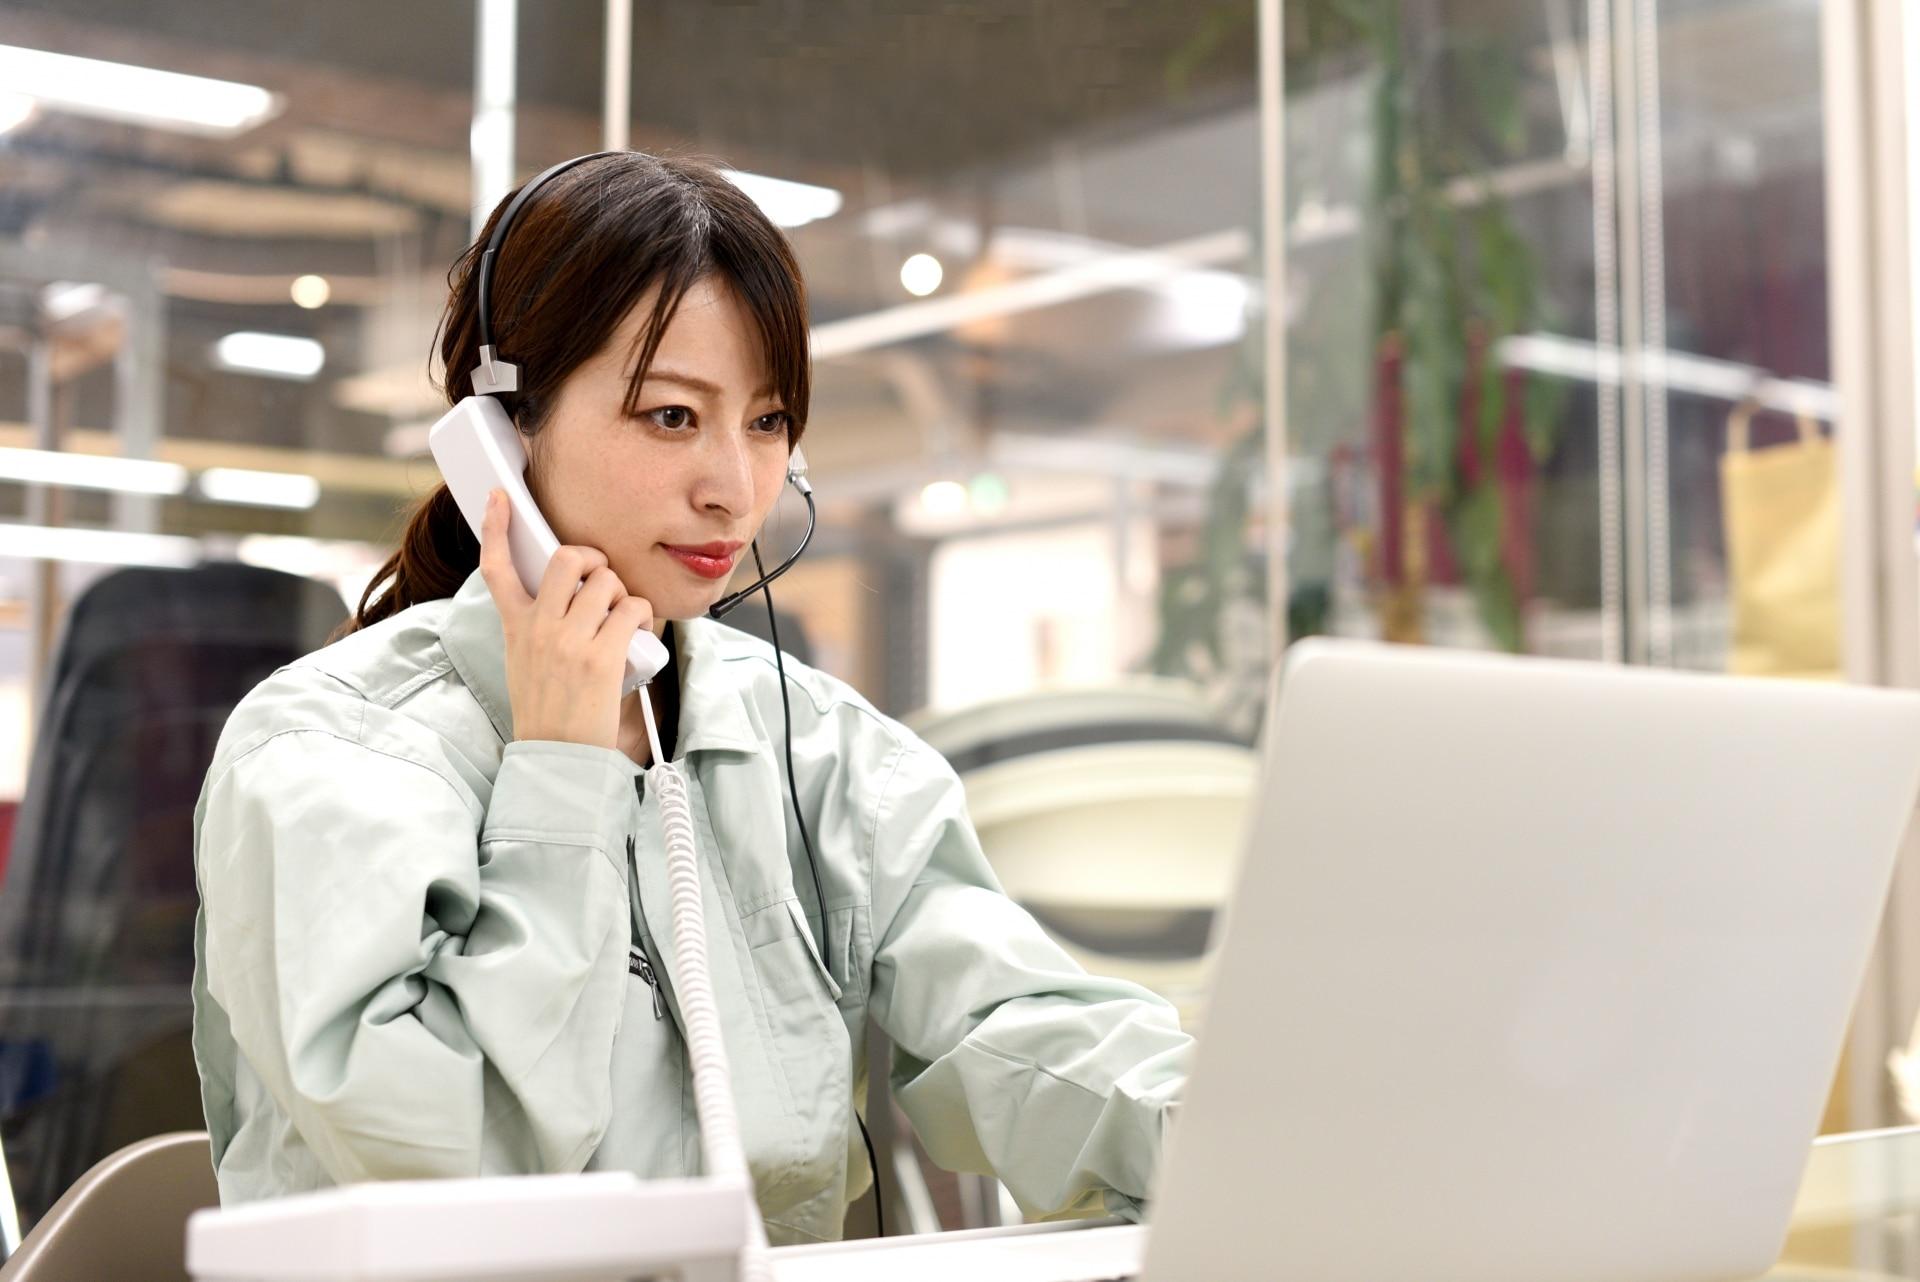 パソコン、電話する女性